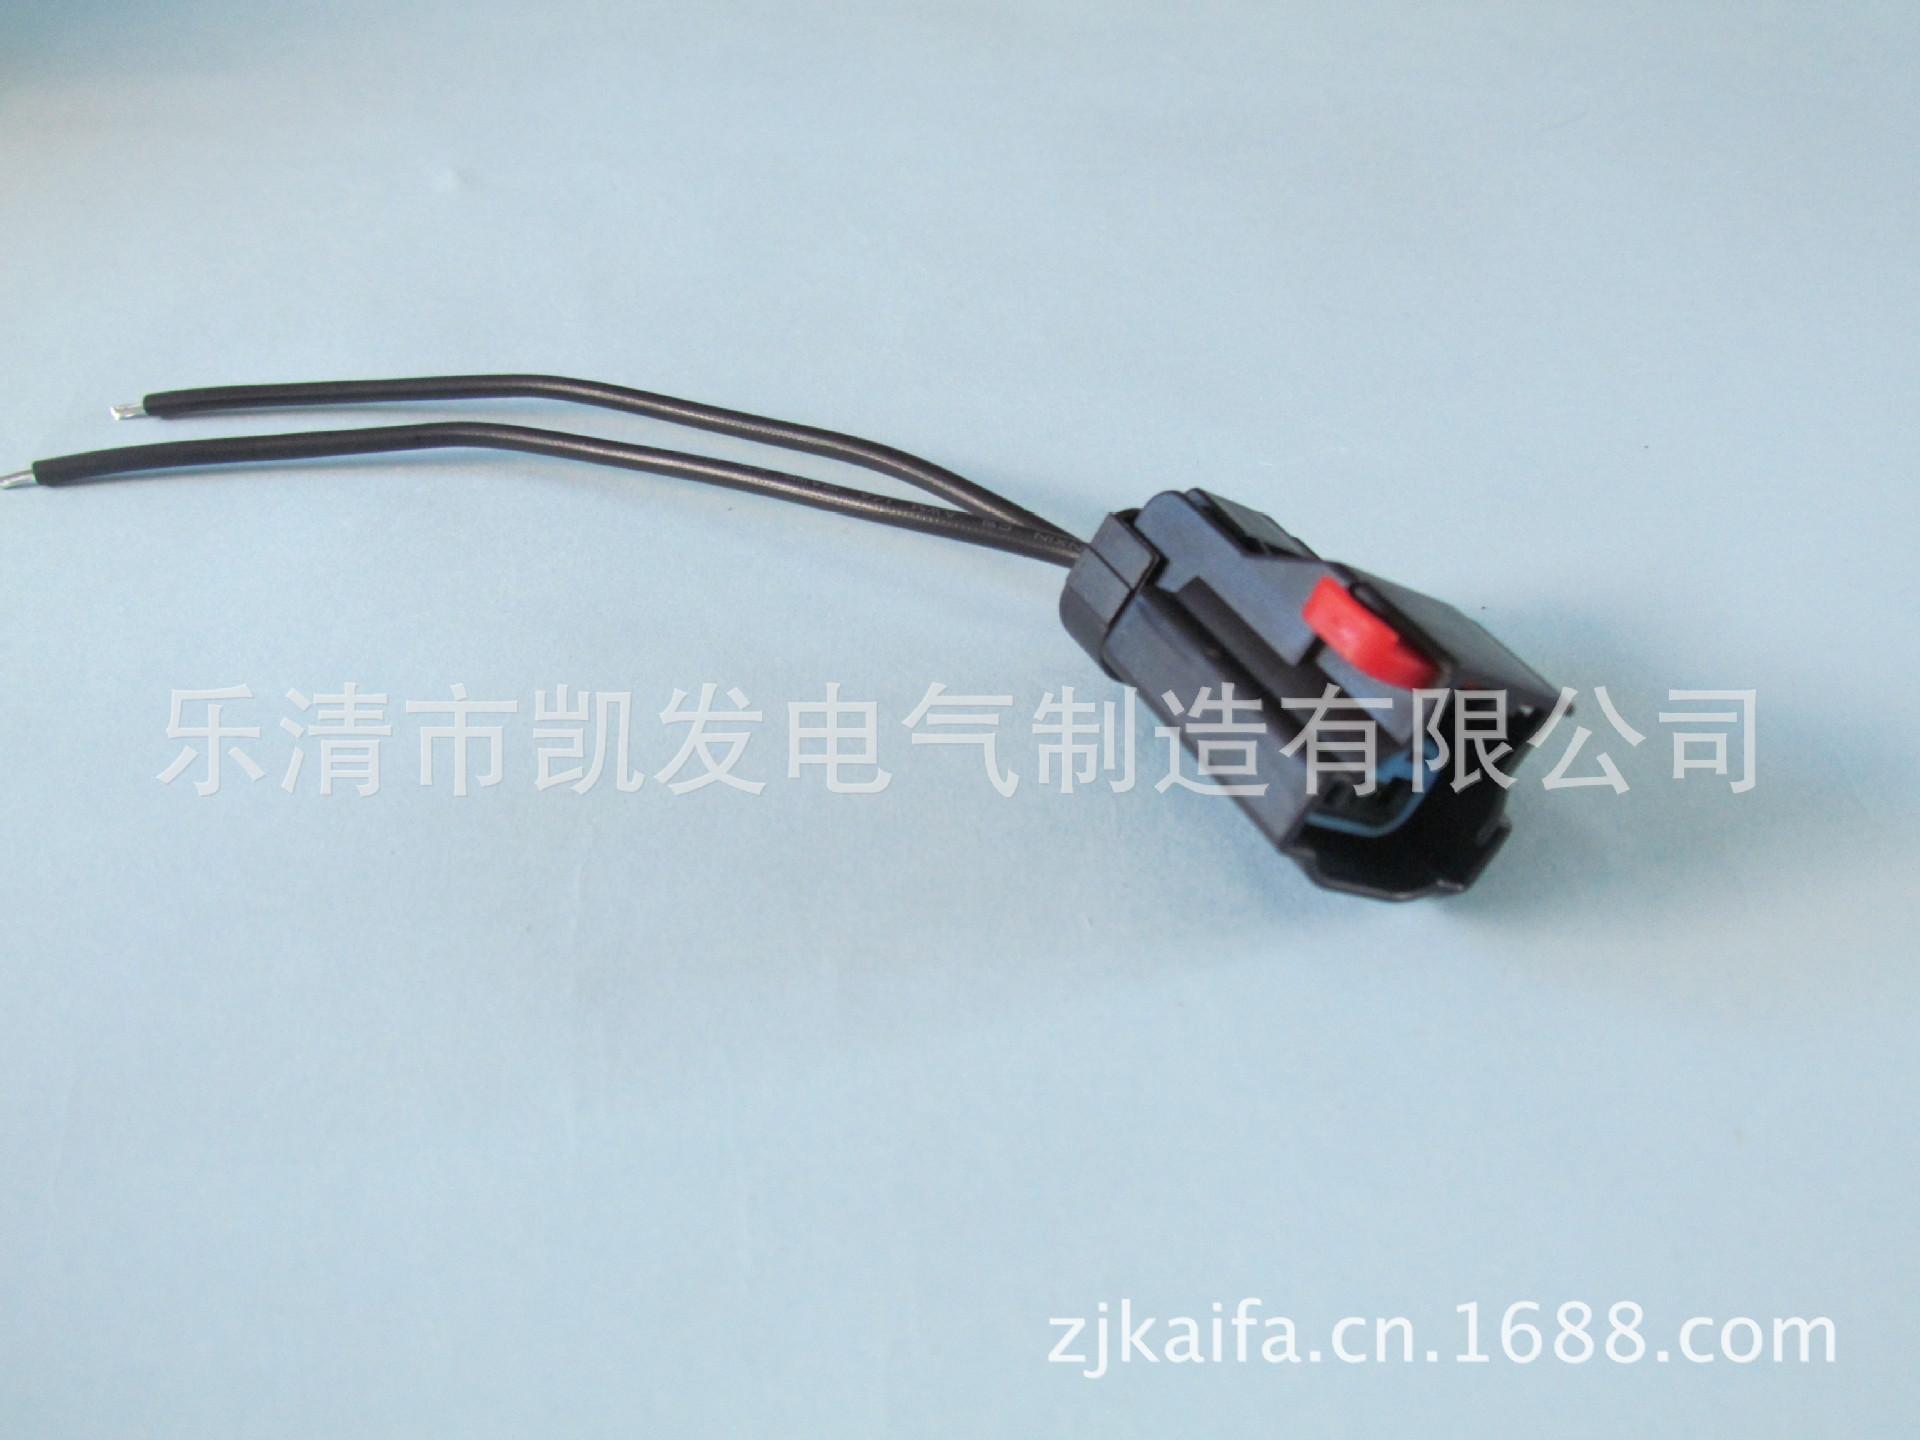 汽车线束 供应汽车 电子线束 0.6 车用专用线组 阿里巴巴高清图片